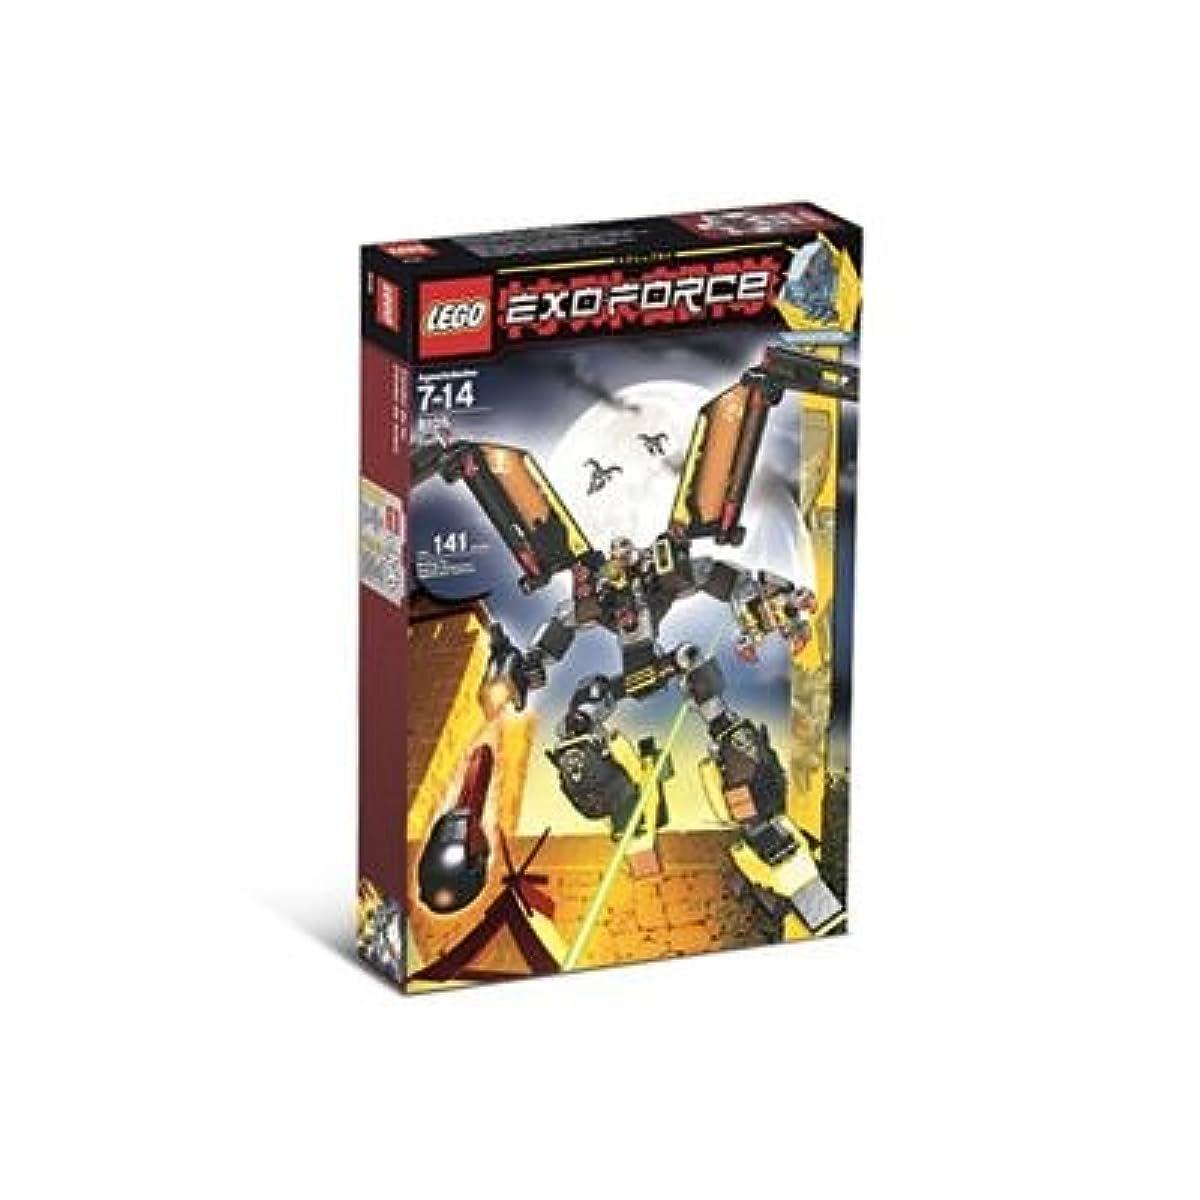 [해외] 레고 (LEGO) 에쿠소포스 아이언콘도르 8105 (2007-04-08)